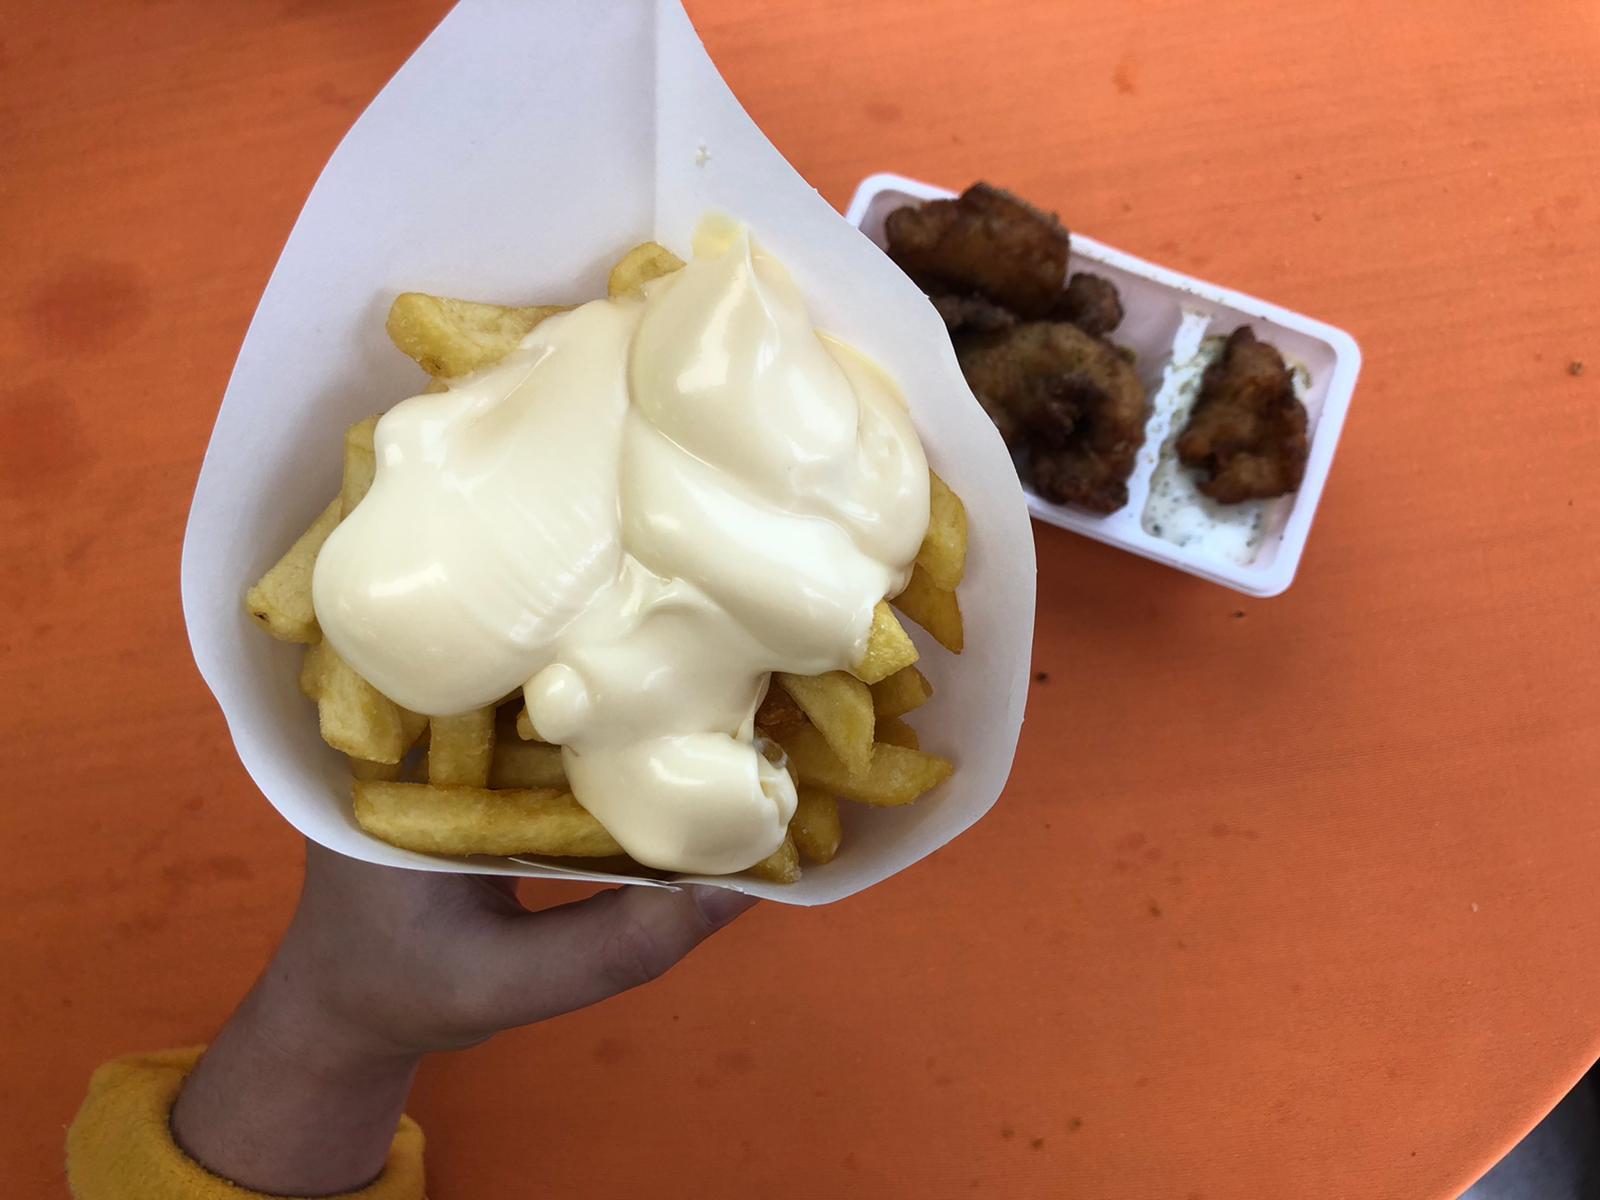 Visje en patat eten